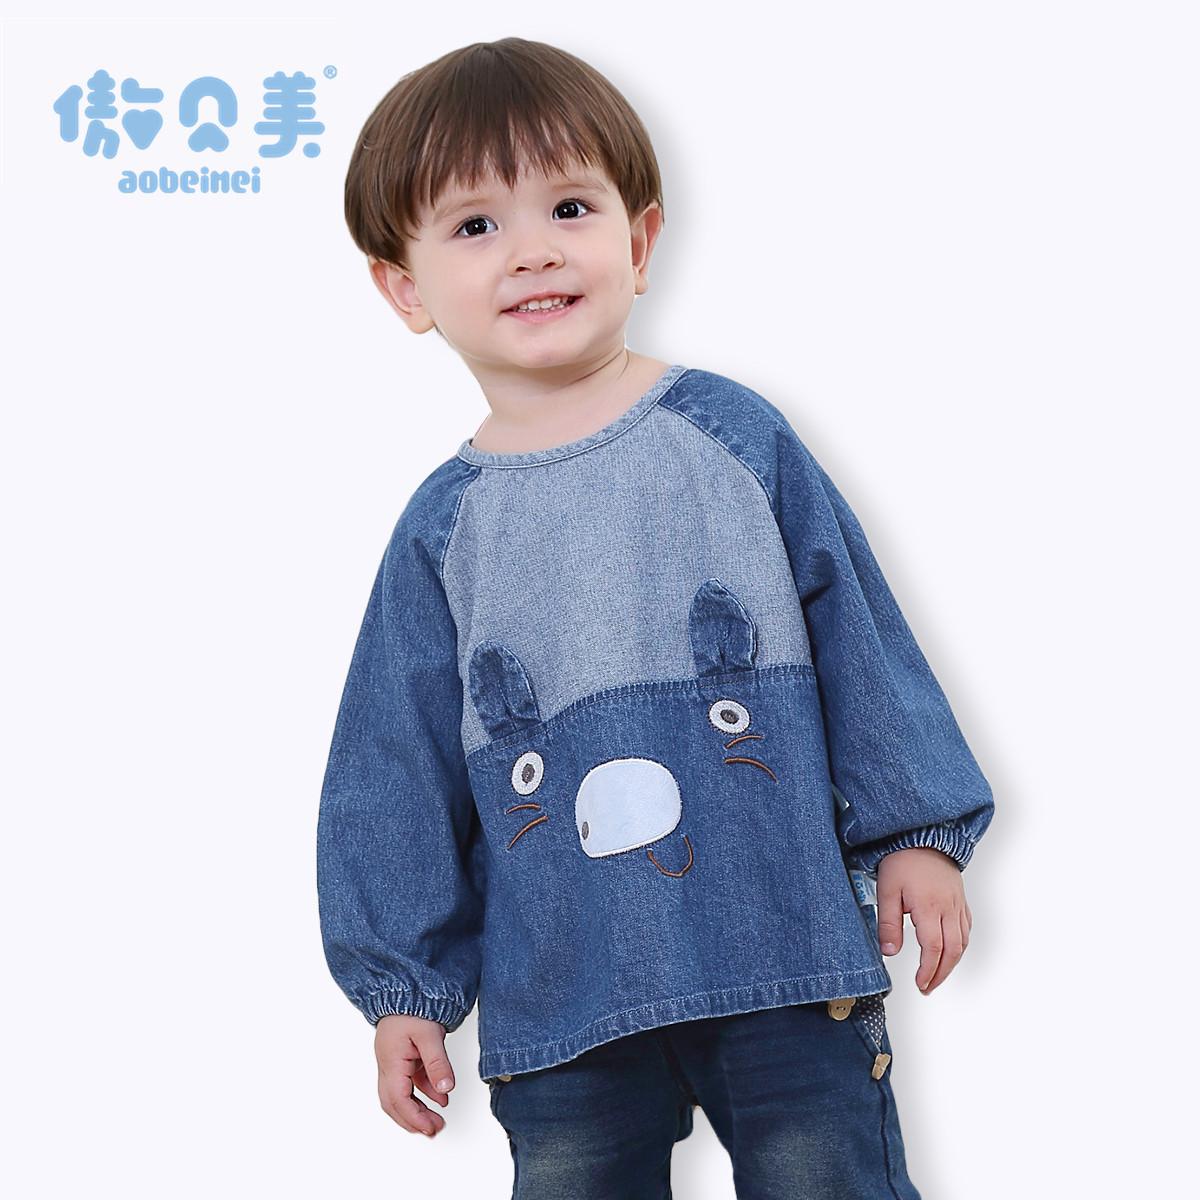 傲贝美宝宝纯棉牛仔罩衣儿童长袖婴儿反穿衣吃饭护衣防水罩衫围兜